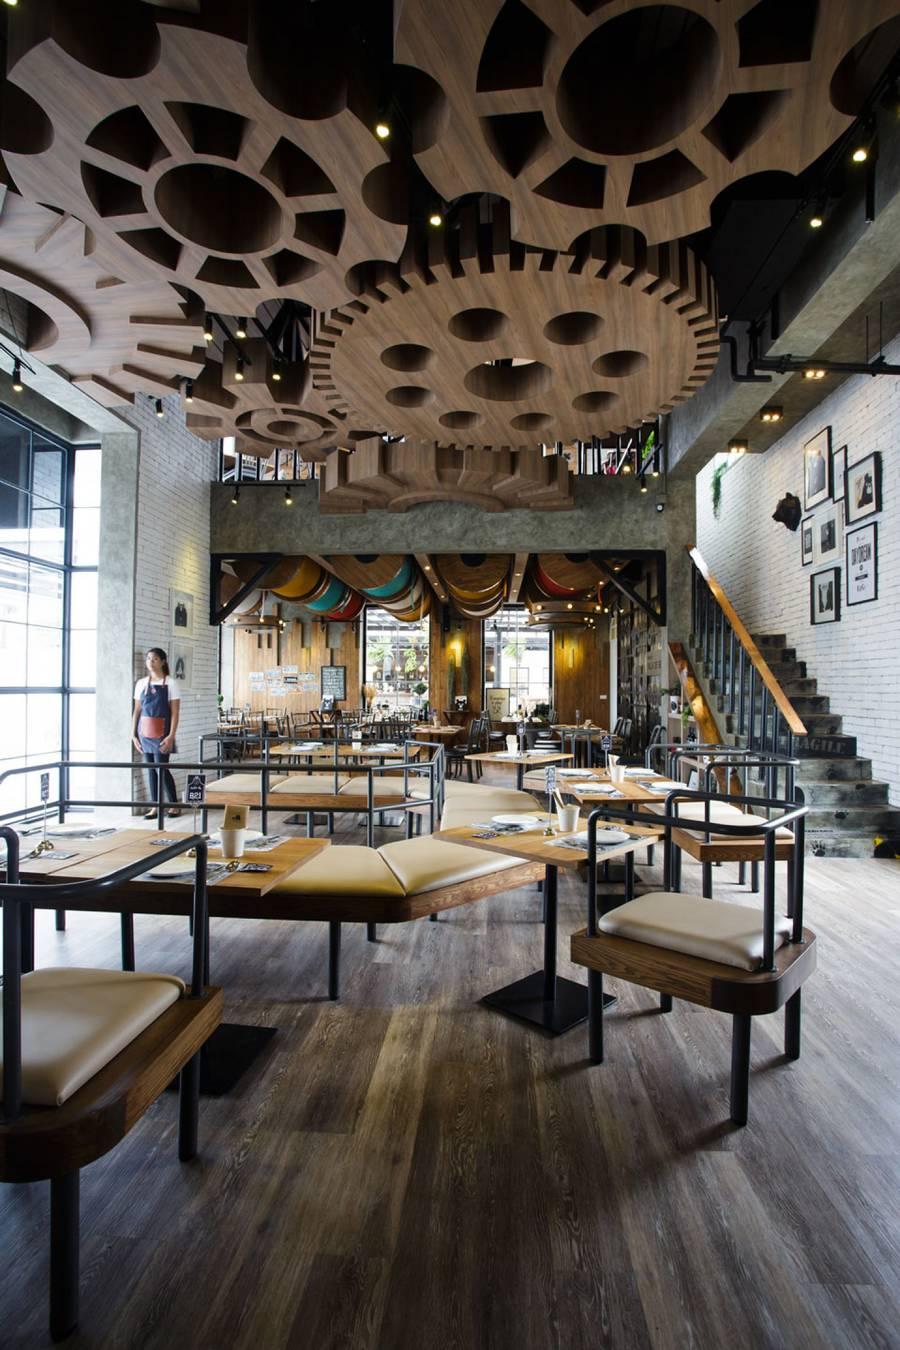 Ghé thăm nhà hàng gấu bông dễ thương tại xứ Chùa Vàng - Ảnh 2.